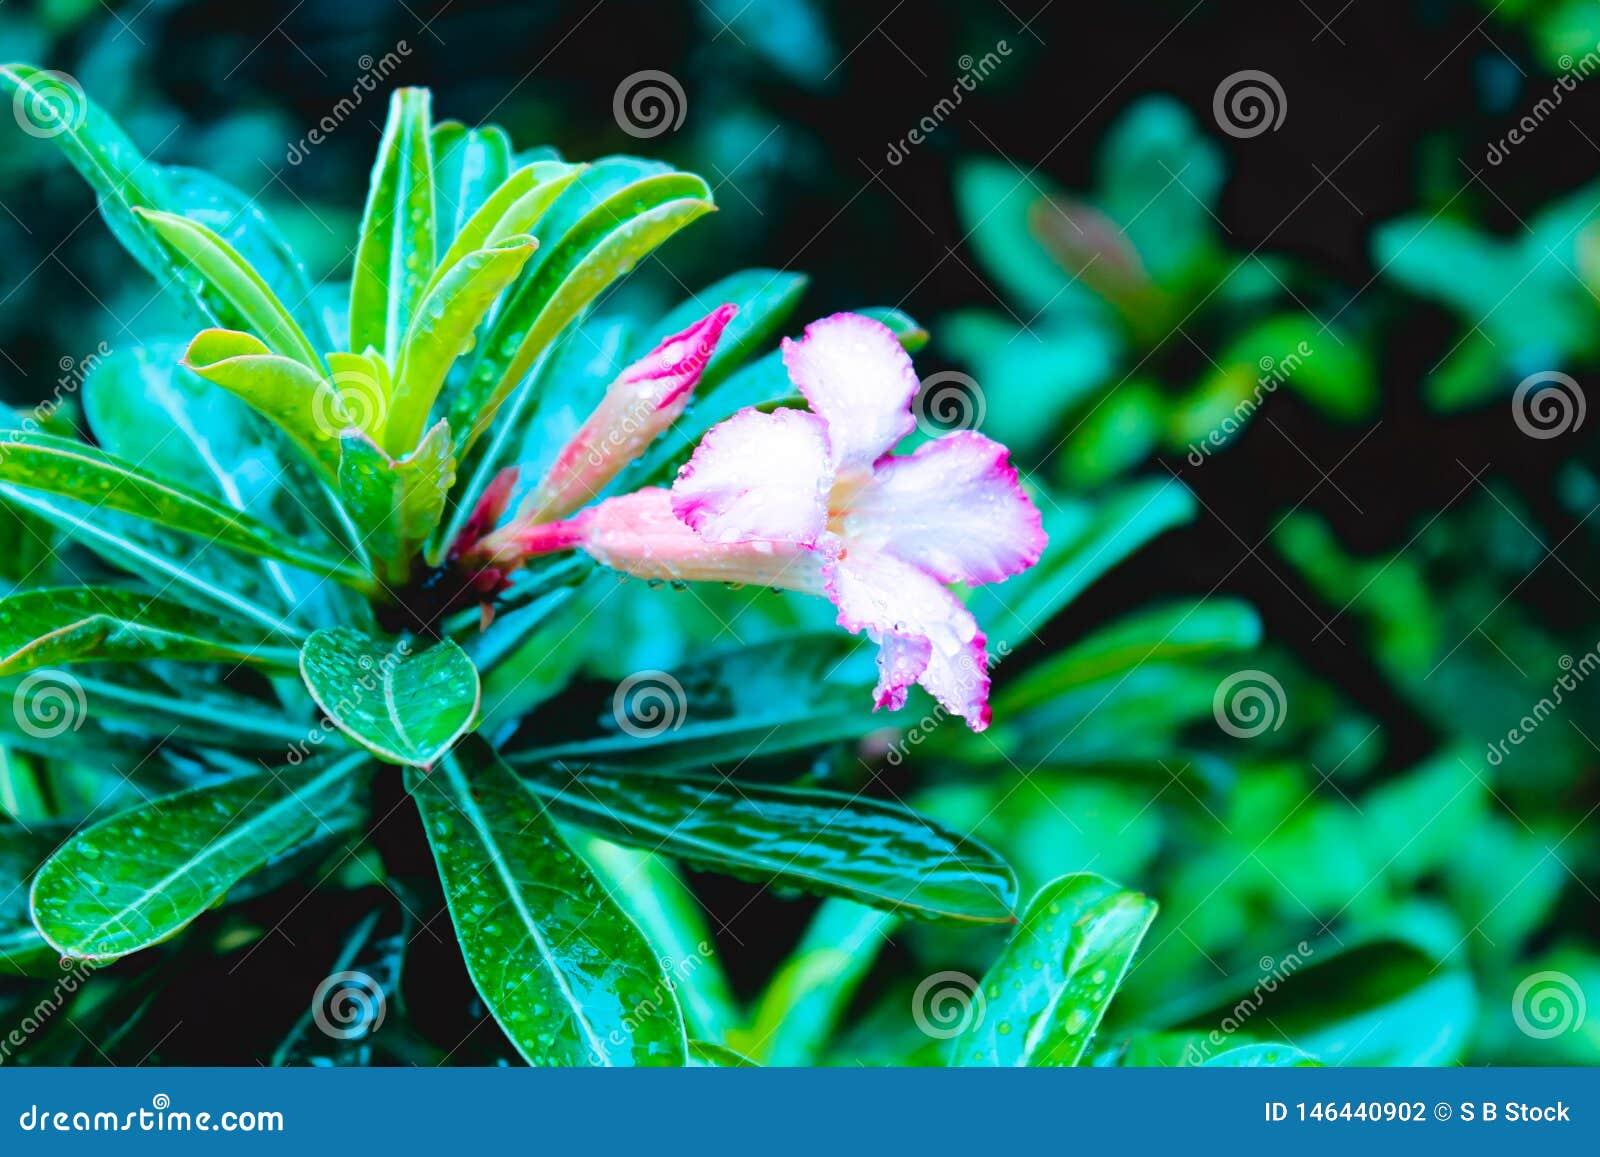 Radicans Campsis Creeper лозы трубы цветковое растение бигнониевые семьи, уроженца к США, Европы и Латинской Америки